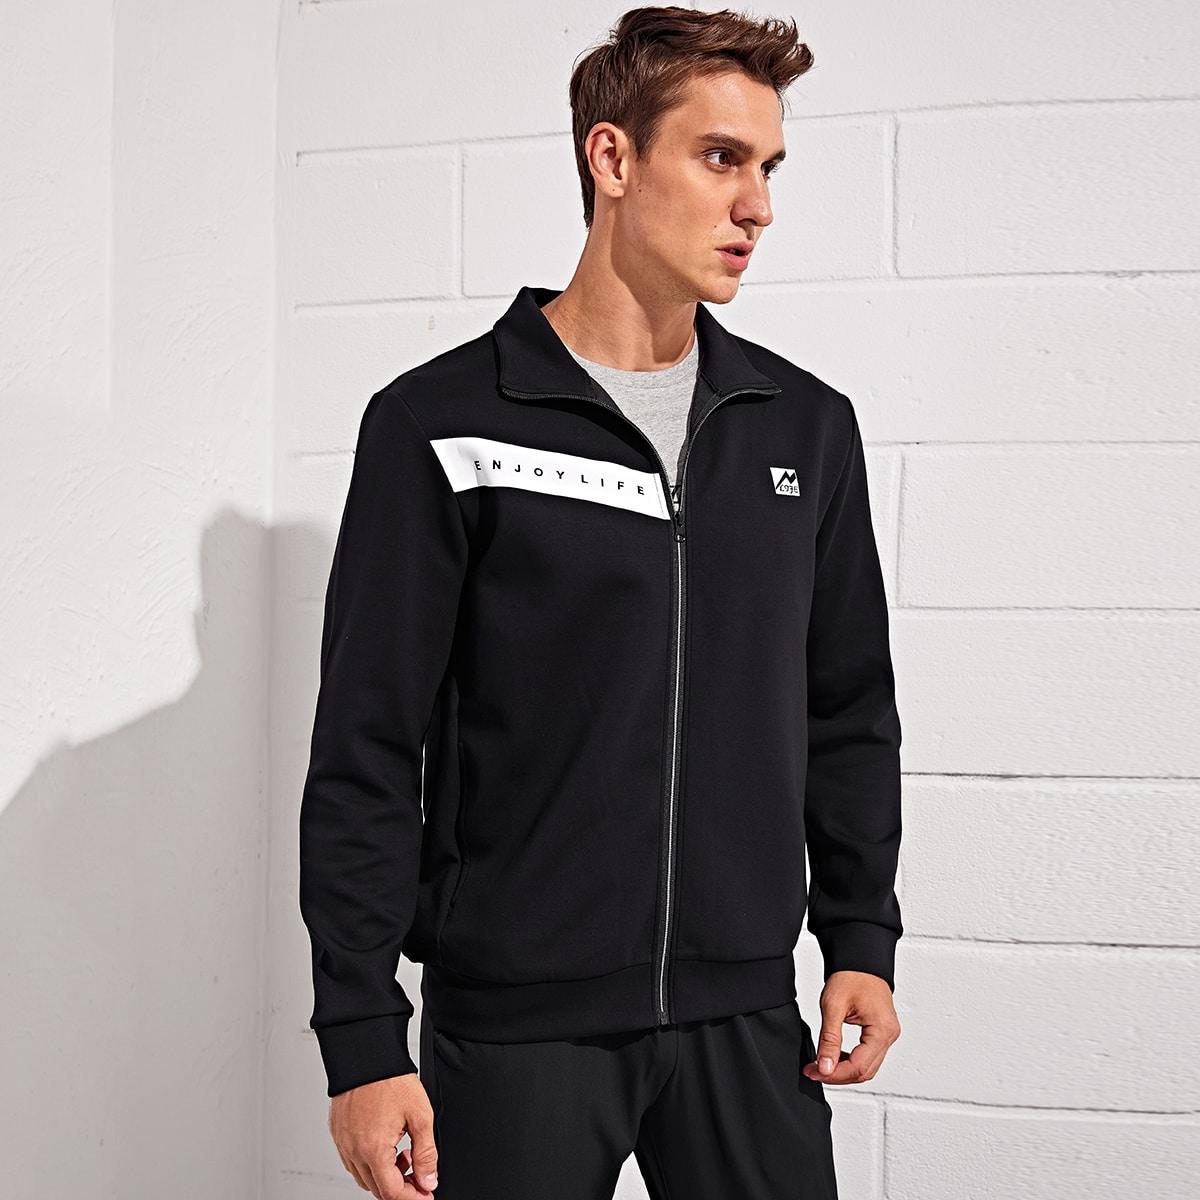 Мужская спортивная куртка с текстовым принтом и молнией